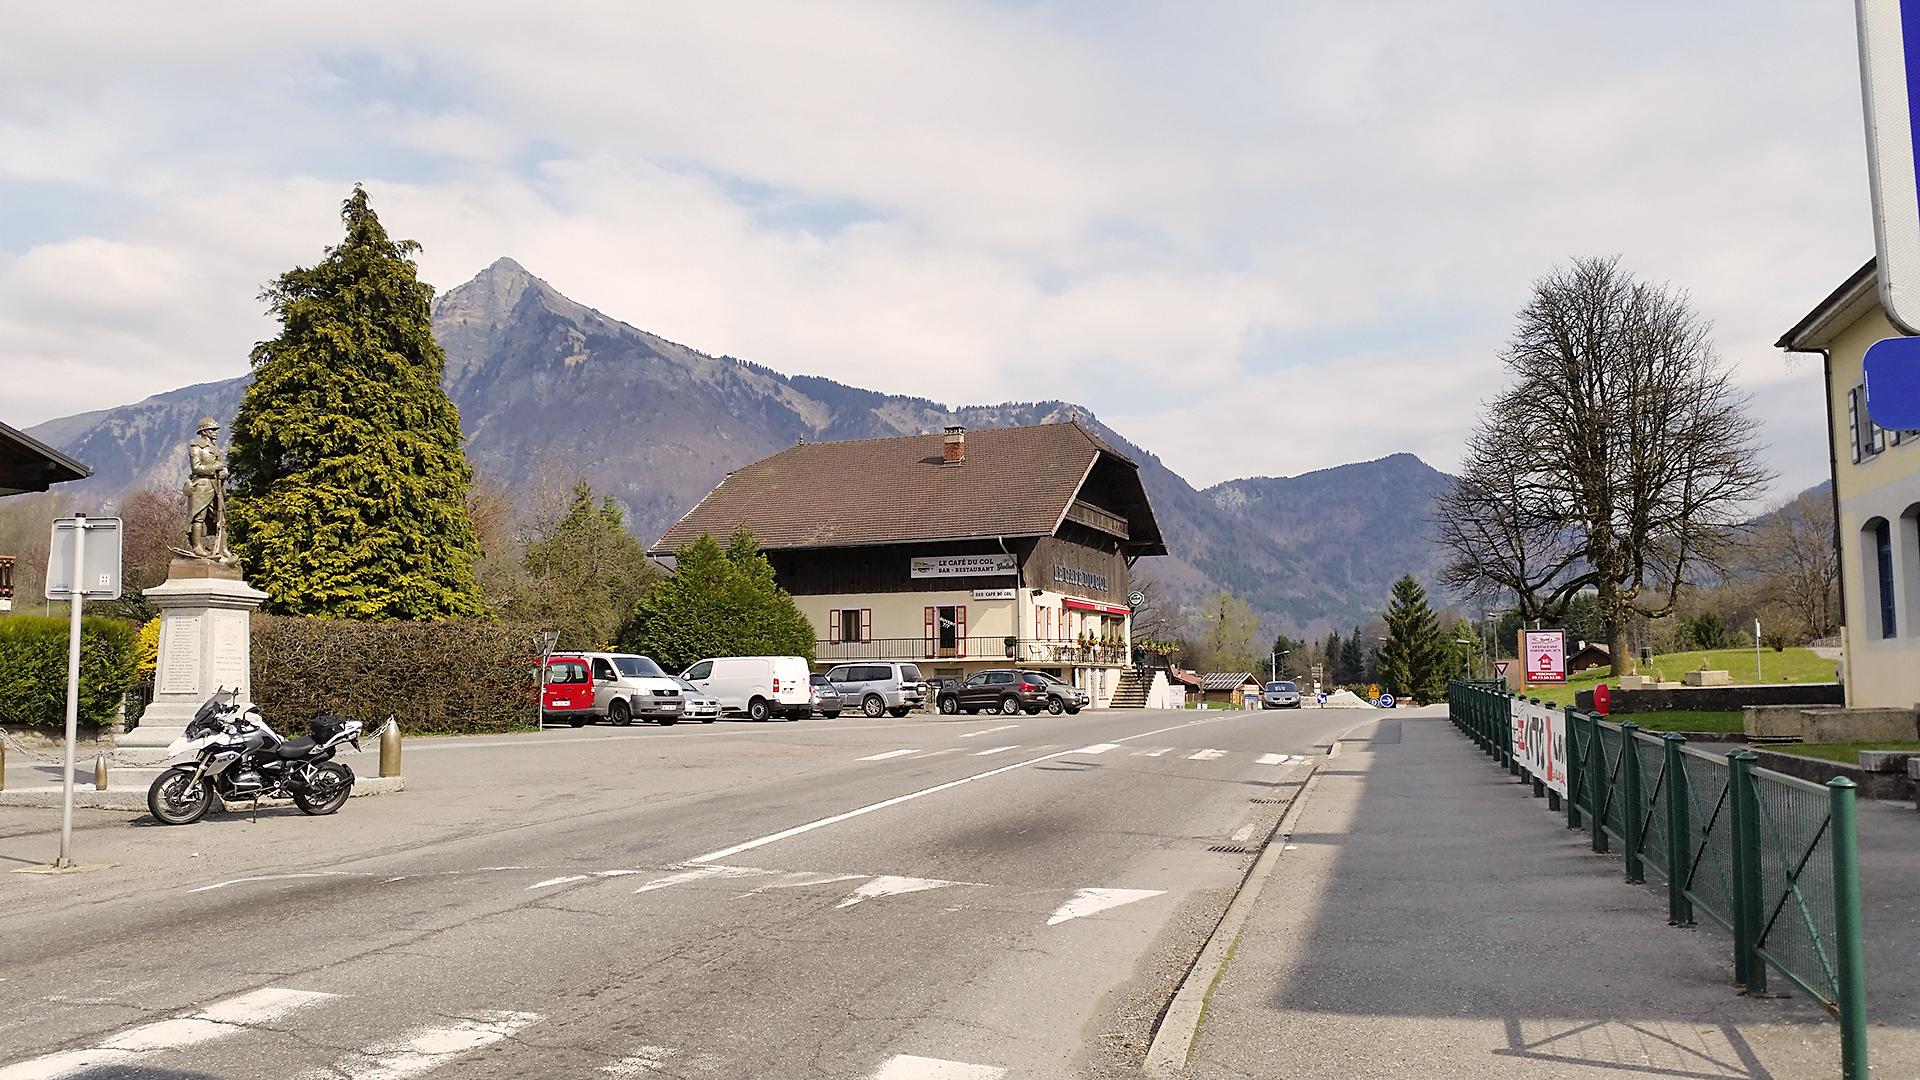 1172 - F - Col des Gets © Pässe.Info